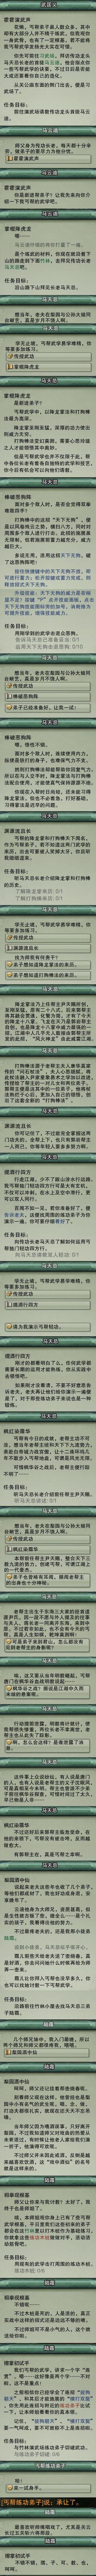 主线任务02 - 传授武功.jpg